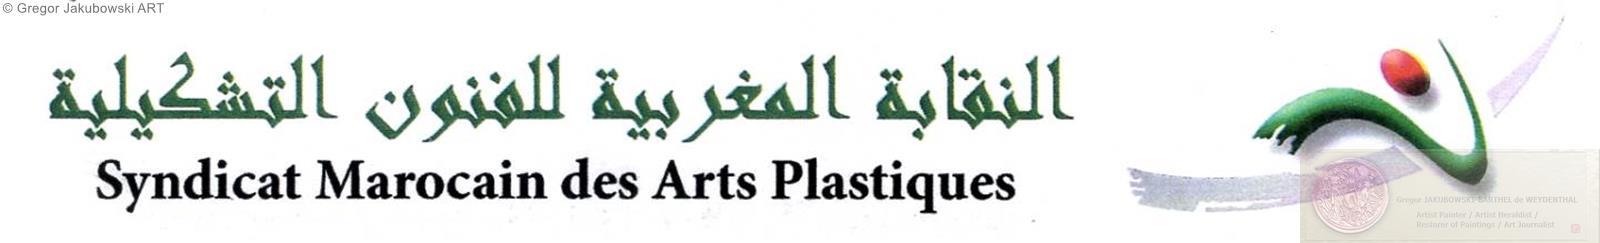 Syndicat Marocain des Arts Plastiques